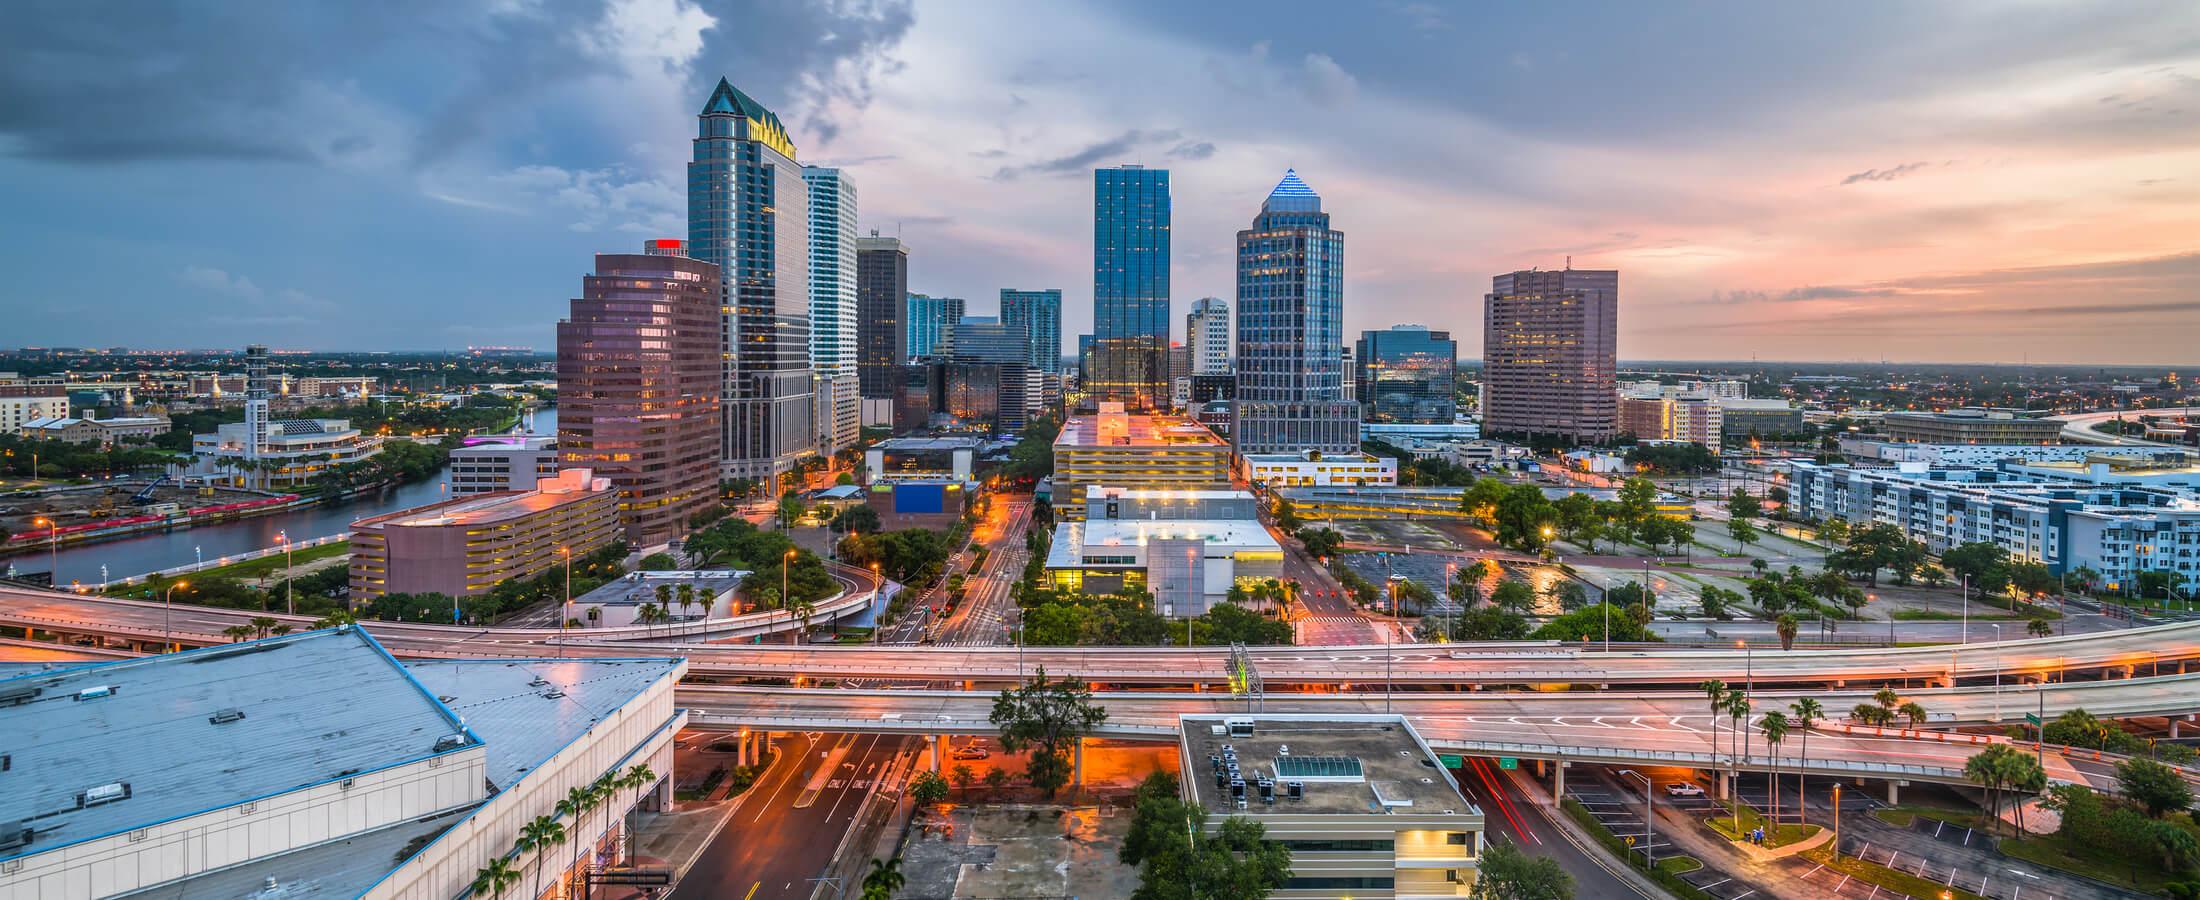 Tampa Bay Homes